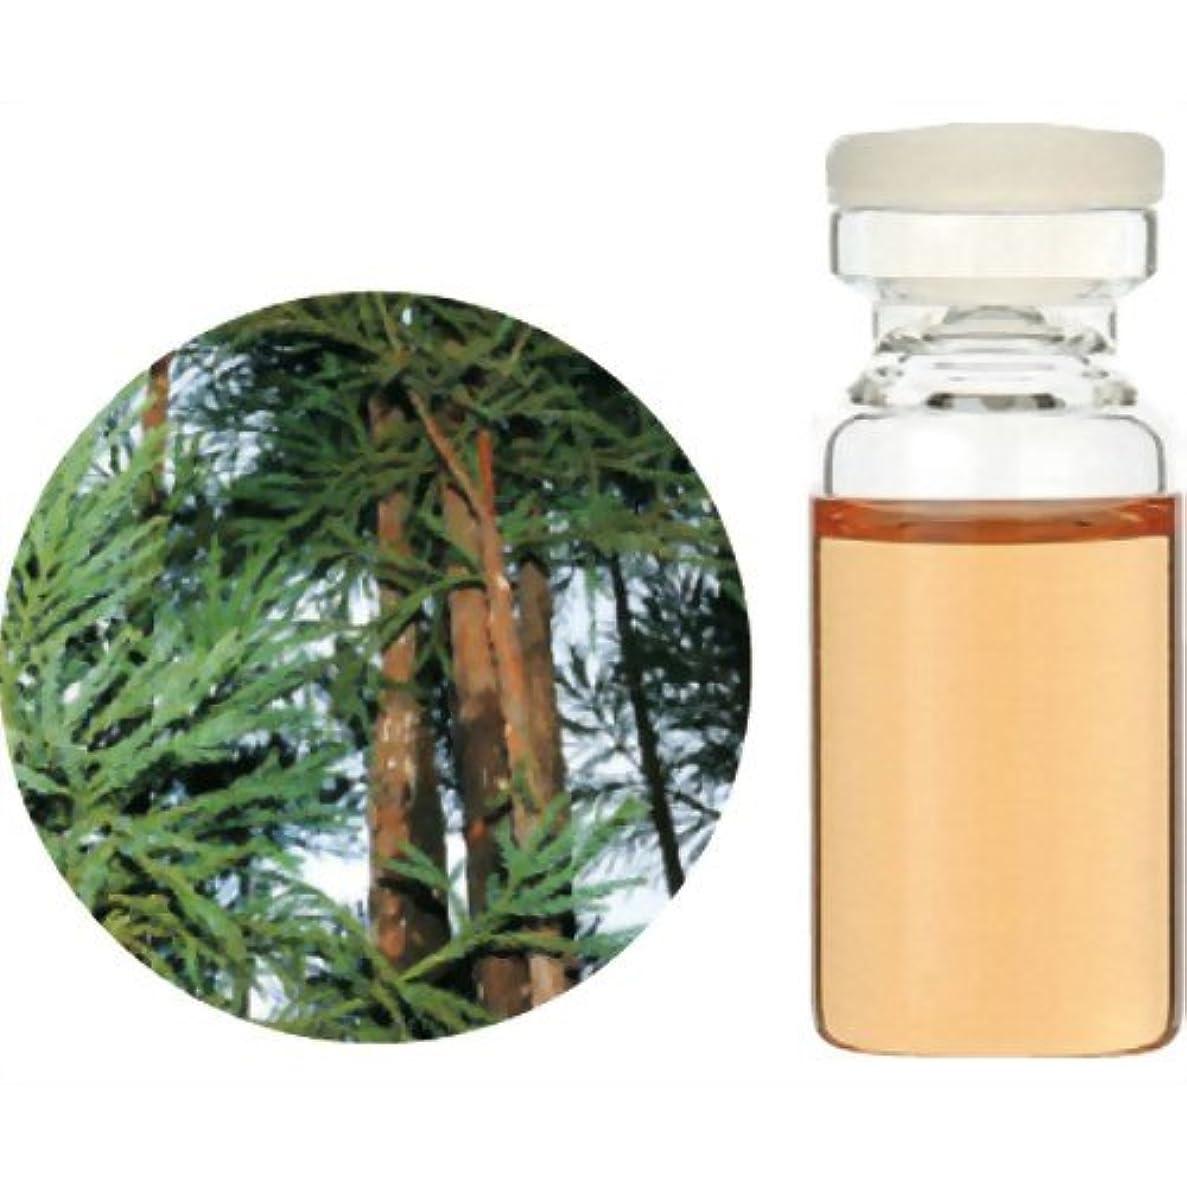 リーチ実業家幻想的生活の木 Herbal Life 和精油 杉(木部) 3ml